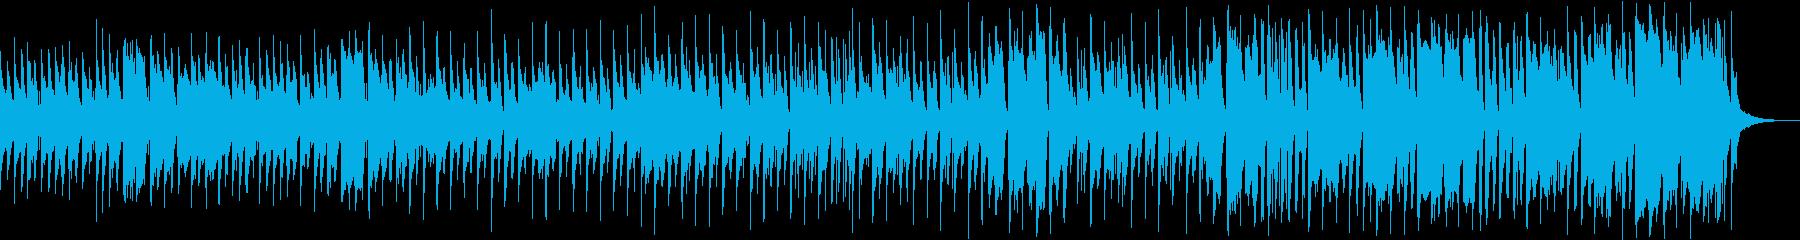 楽しさ、明るさ全開のショートBGMの再生済みの波形